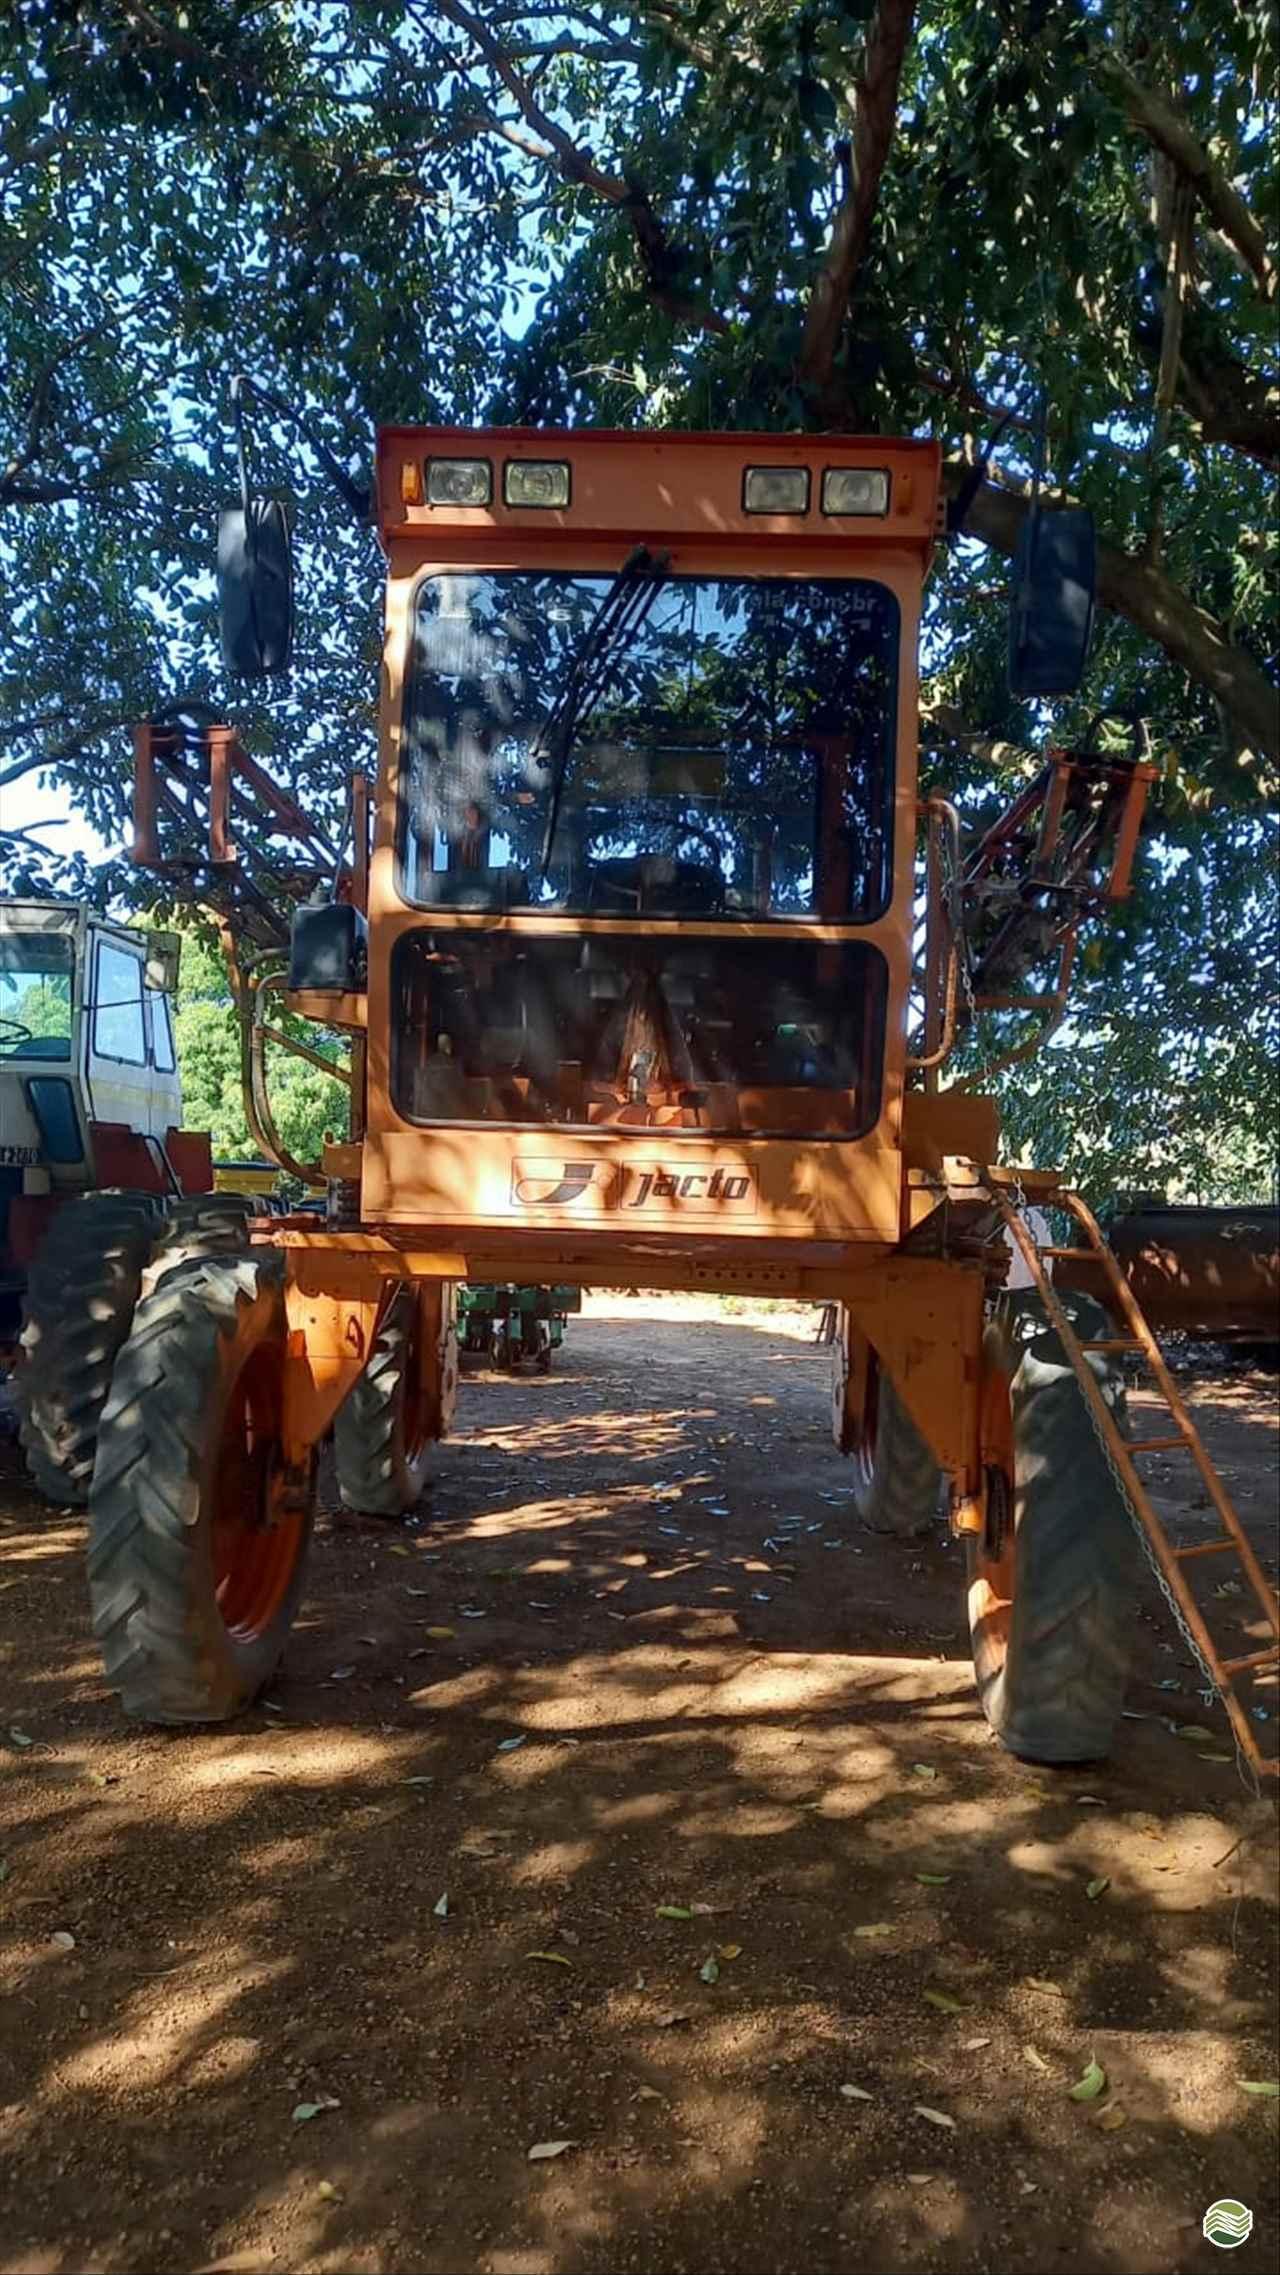 UNIPORT 2000 de Guimáquina Implementos Agrícolas - Jacto - RONDONOPOLIS/MT